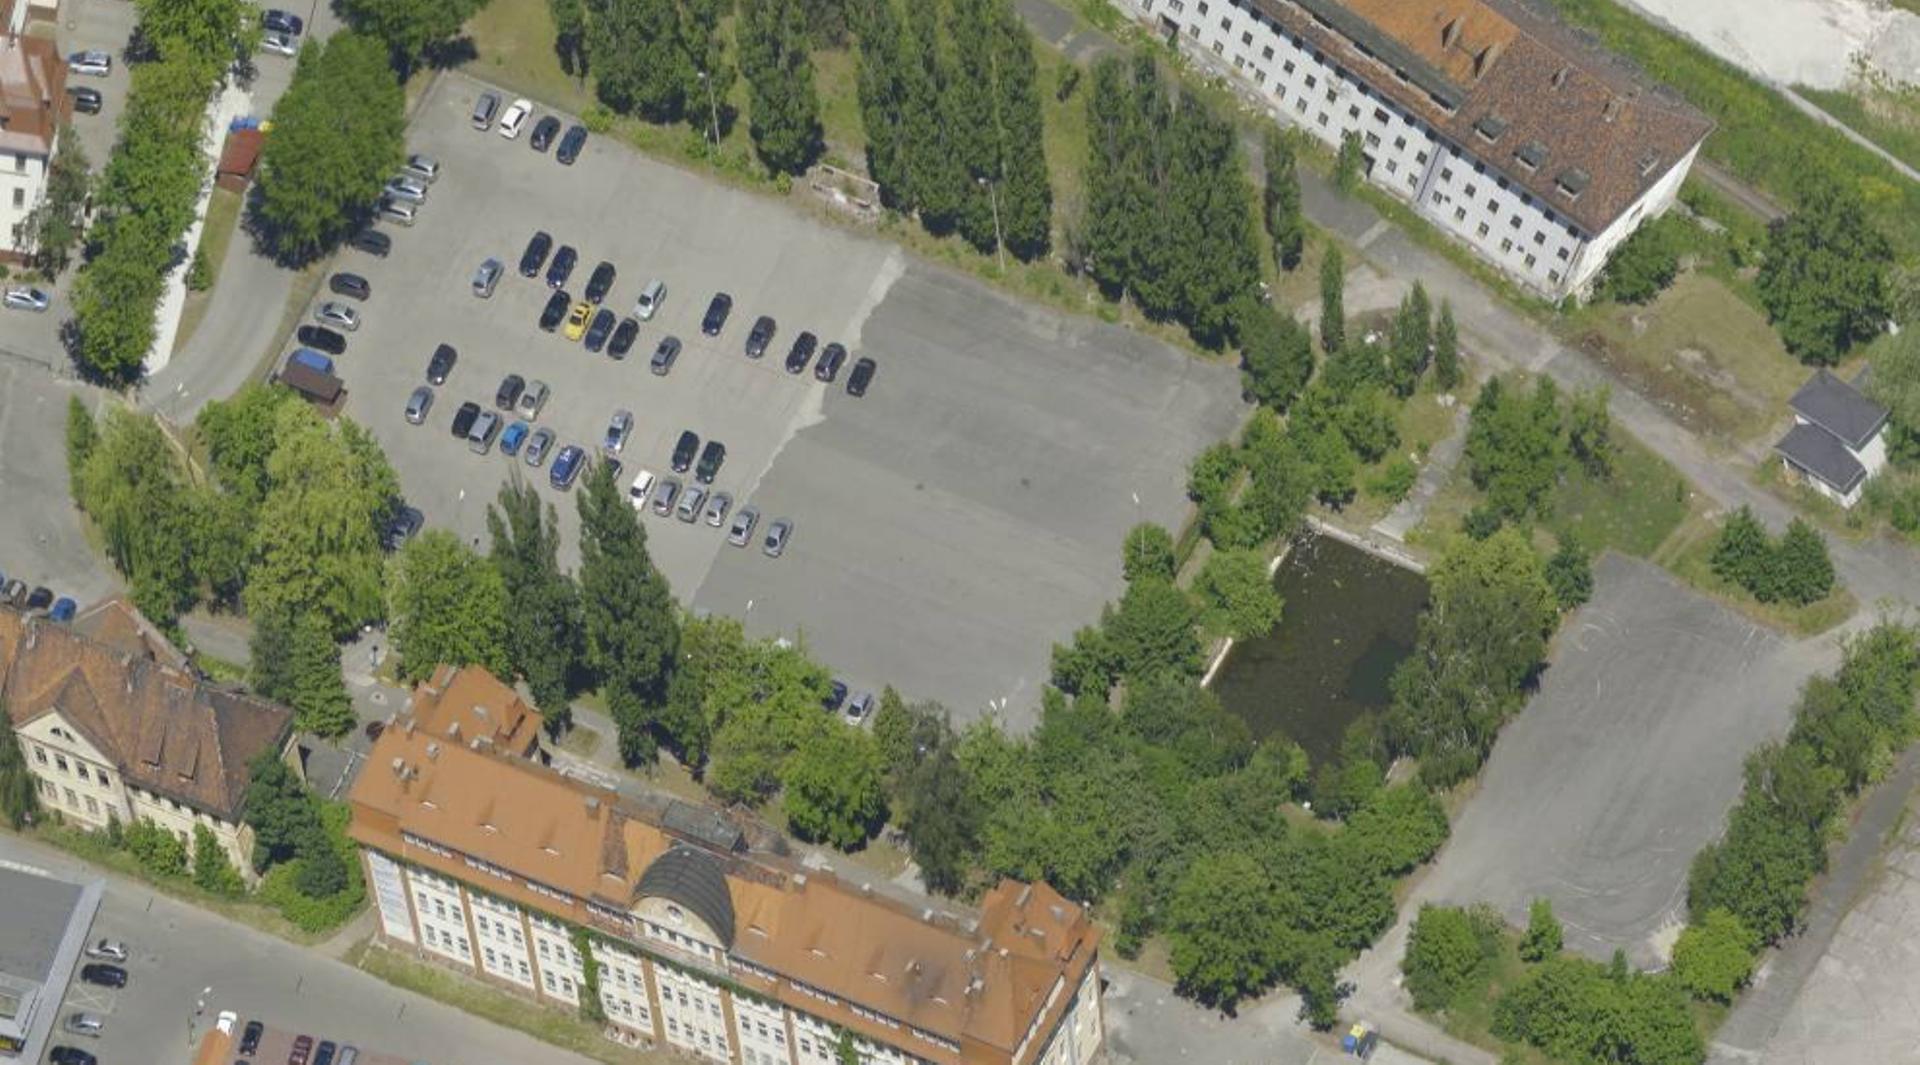 Wrocław: Republika Wnętrz wybuduje osiedle przy komendzie policji